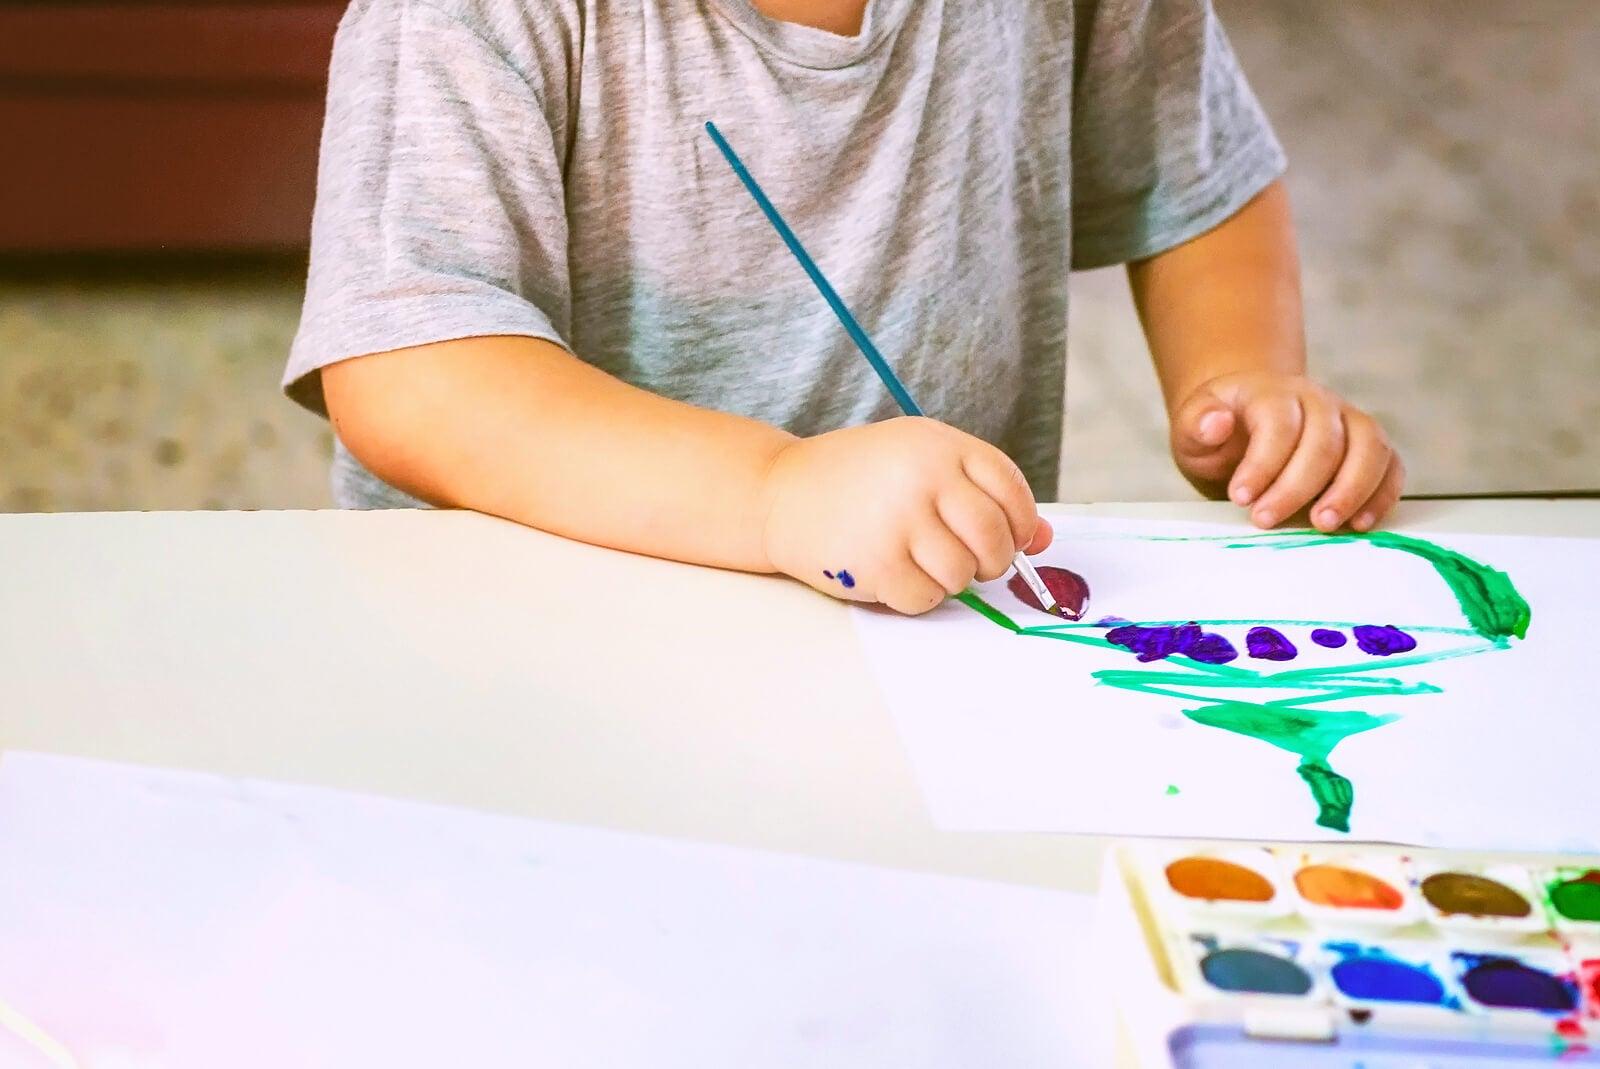 Niño haciendo pintando para poder analizar después sus dibujos.